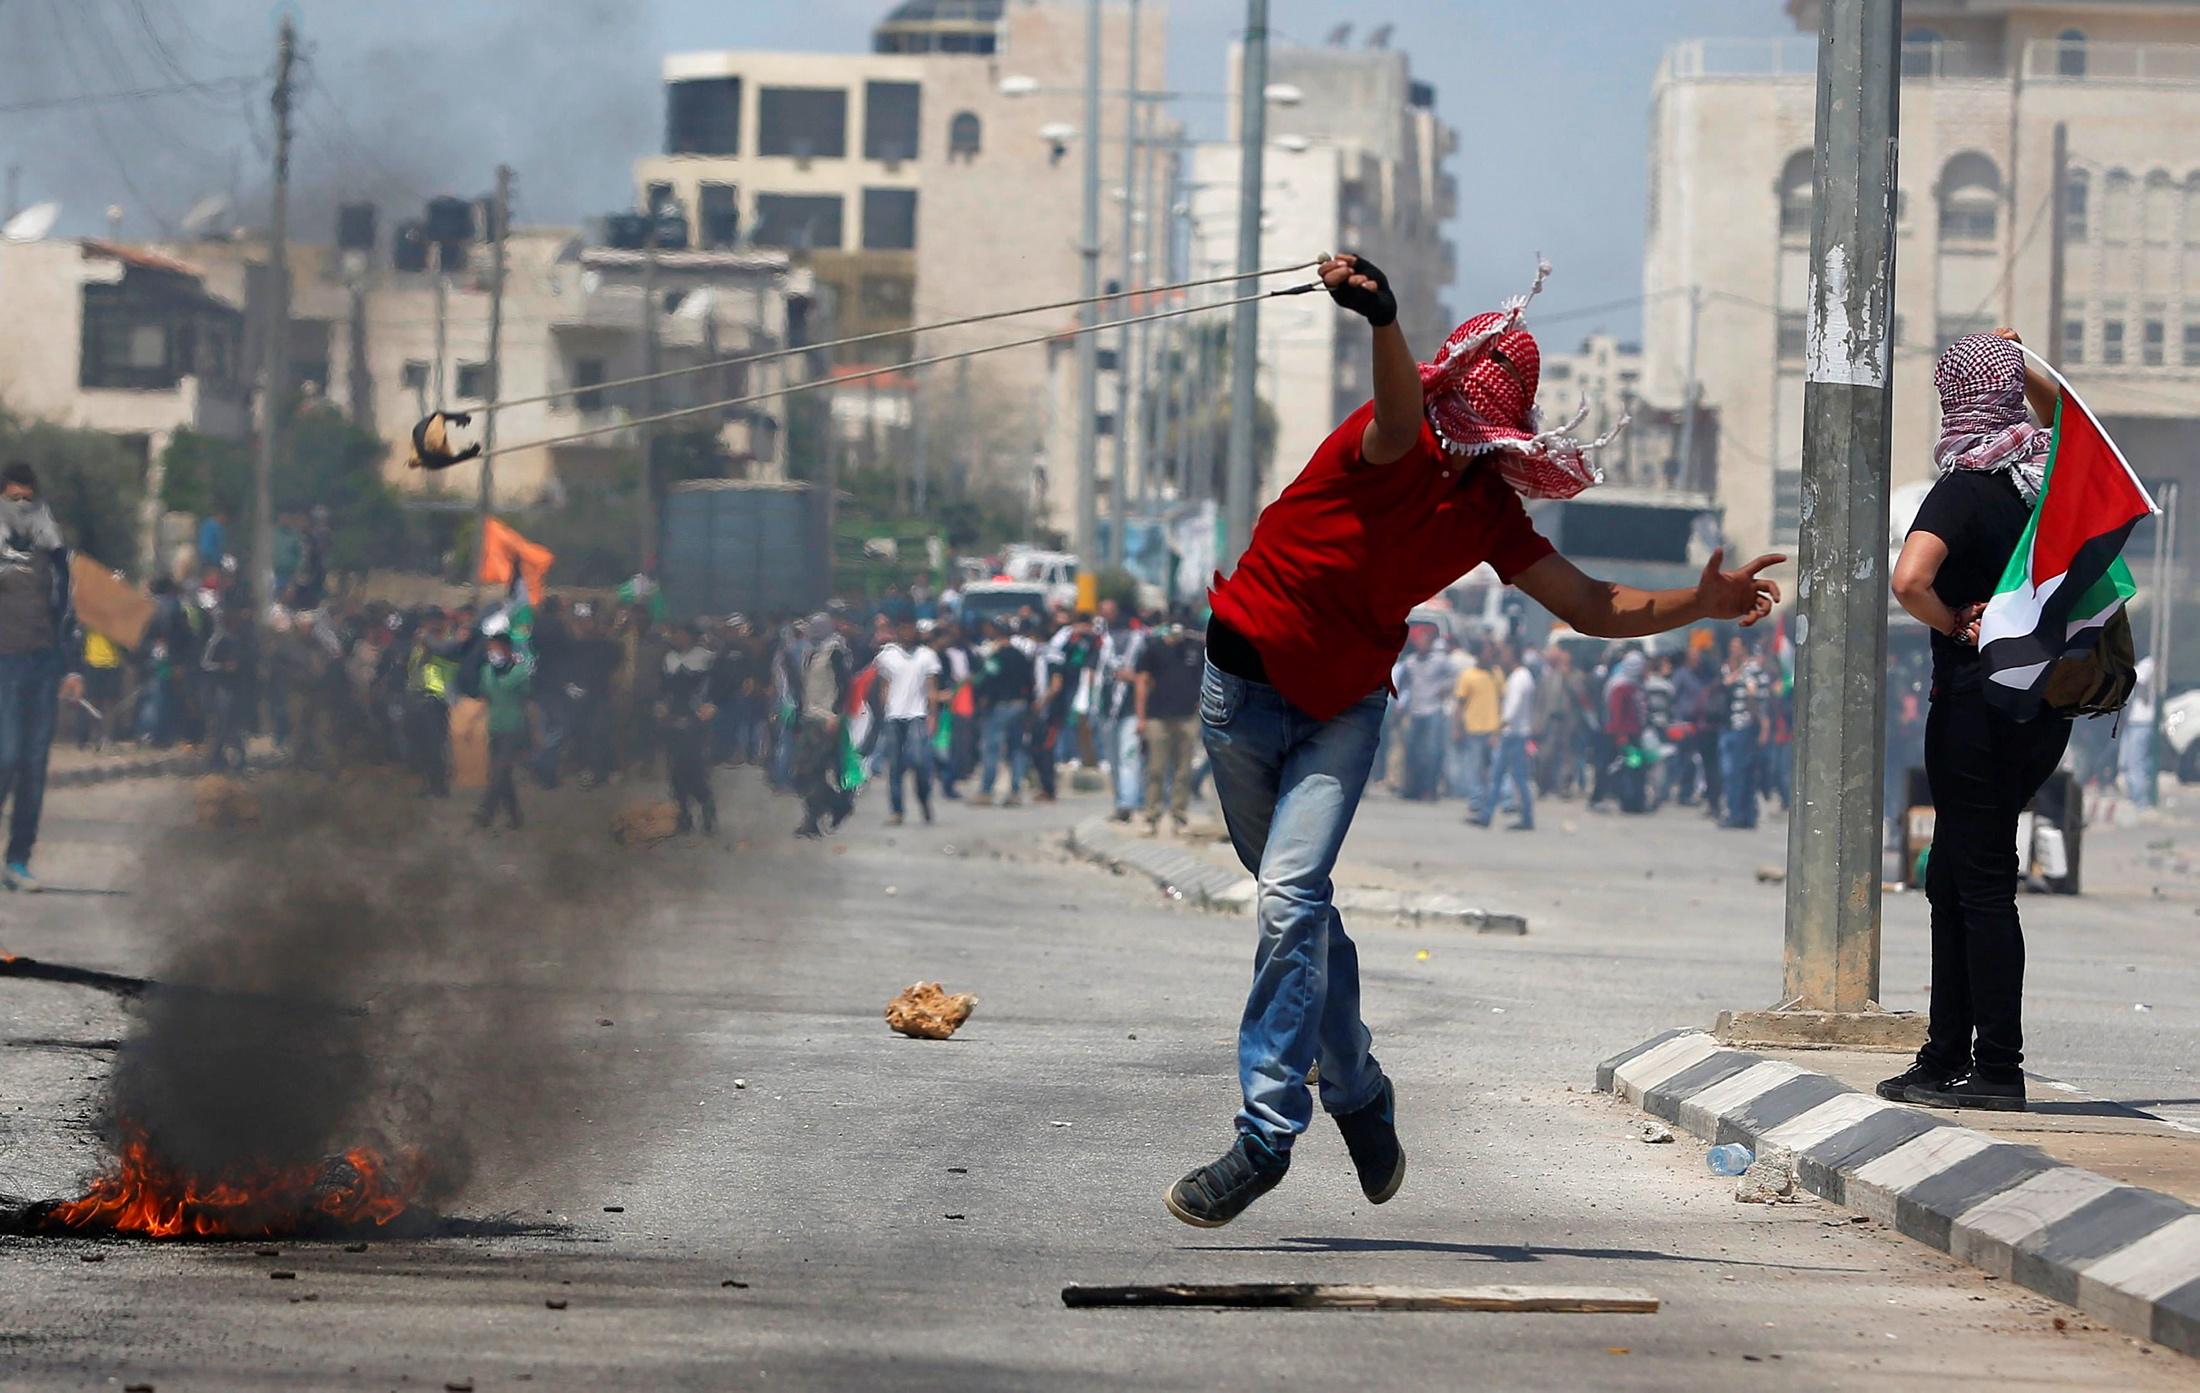 «هآرتس» تحذر من اندلاع انتفاضة وترى أن خيارات إسرائيل محدودة